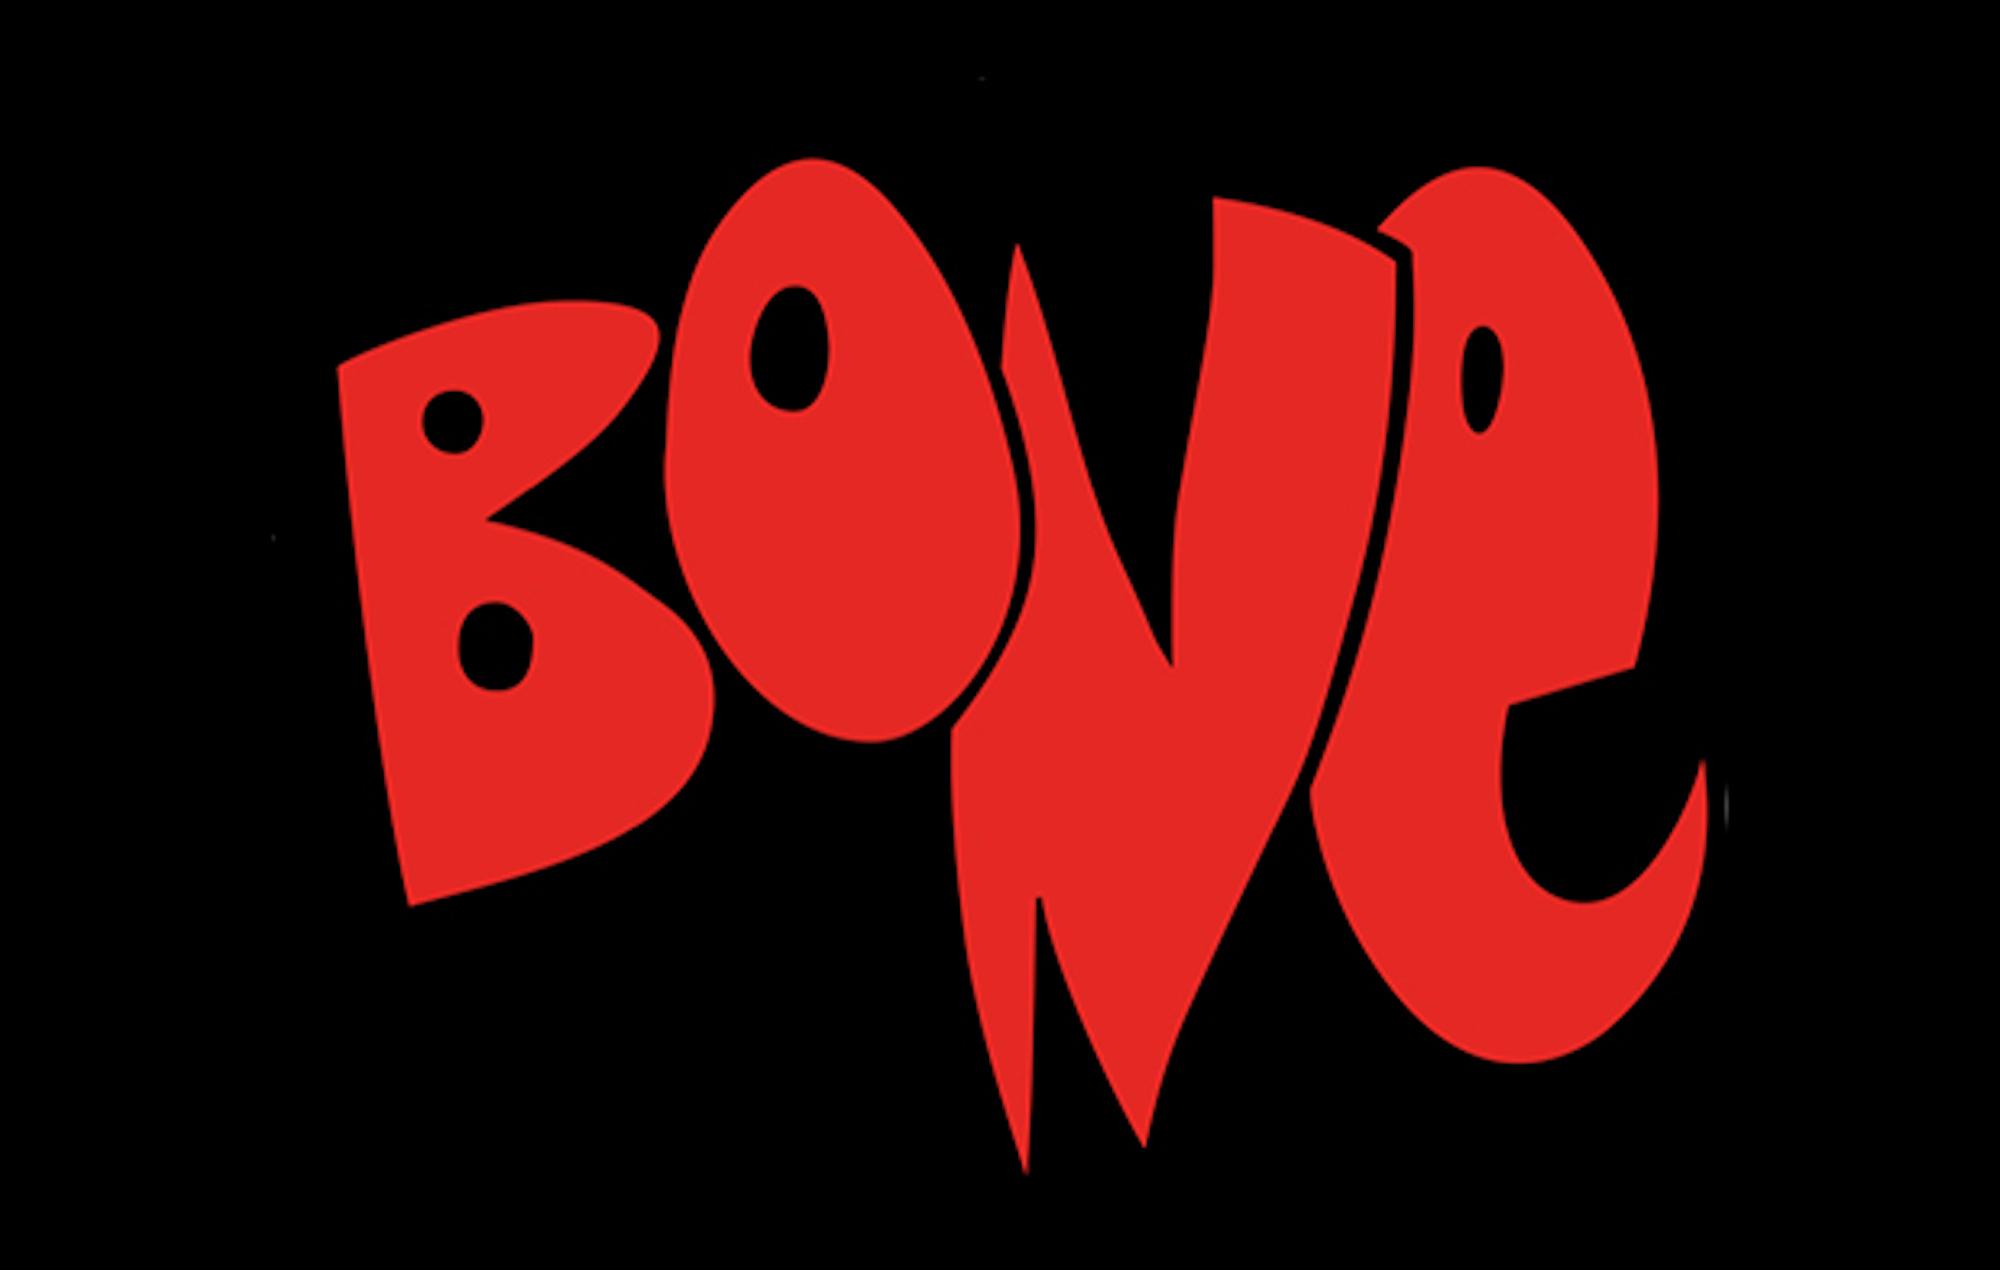 Netflix announces Famous comic series 'Bone's an animated TV version